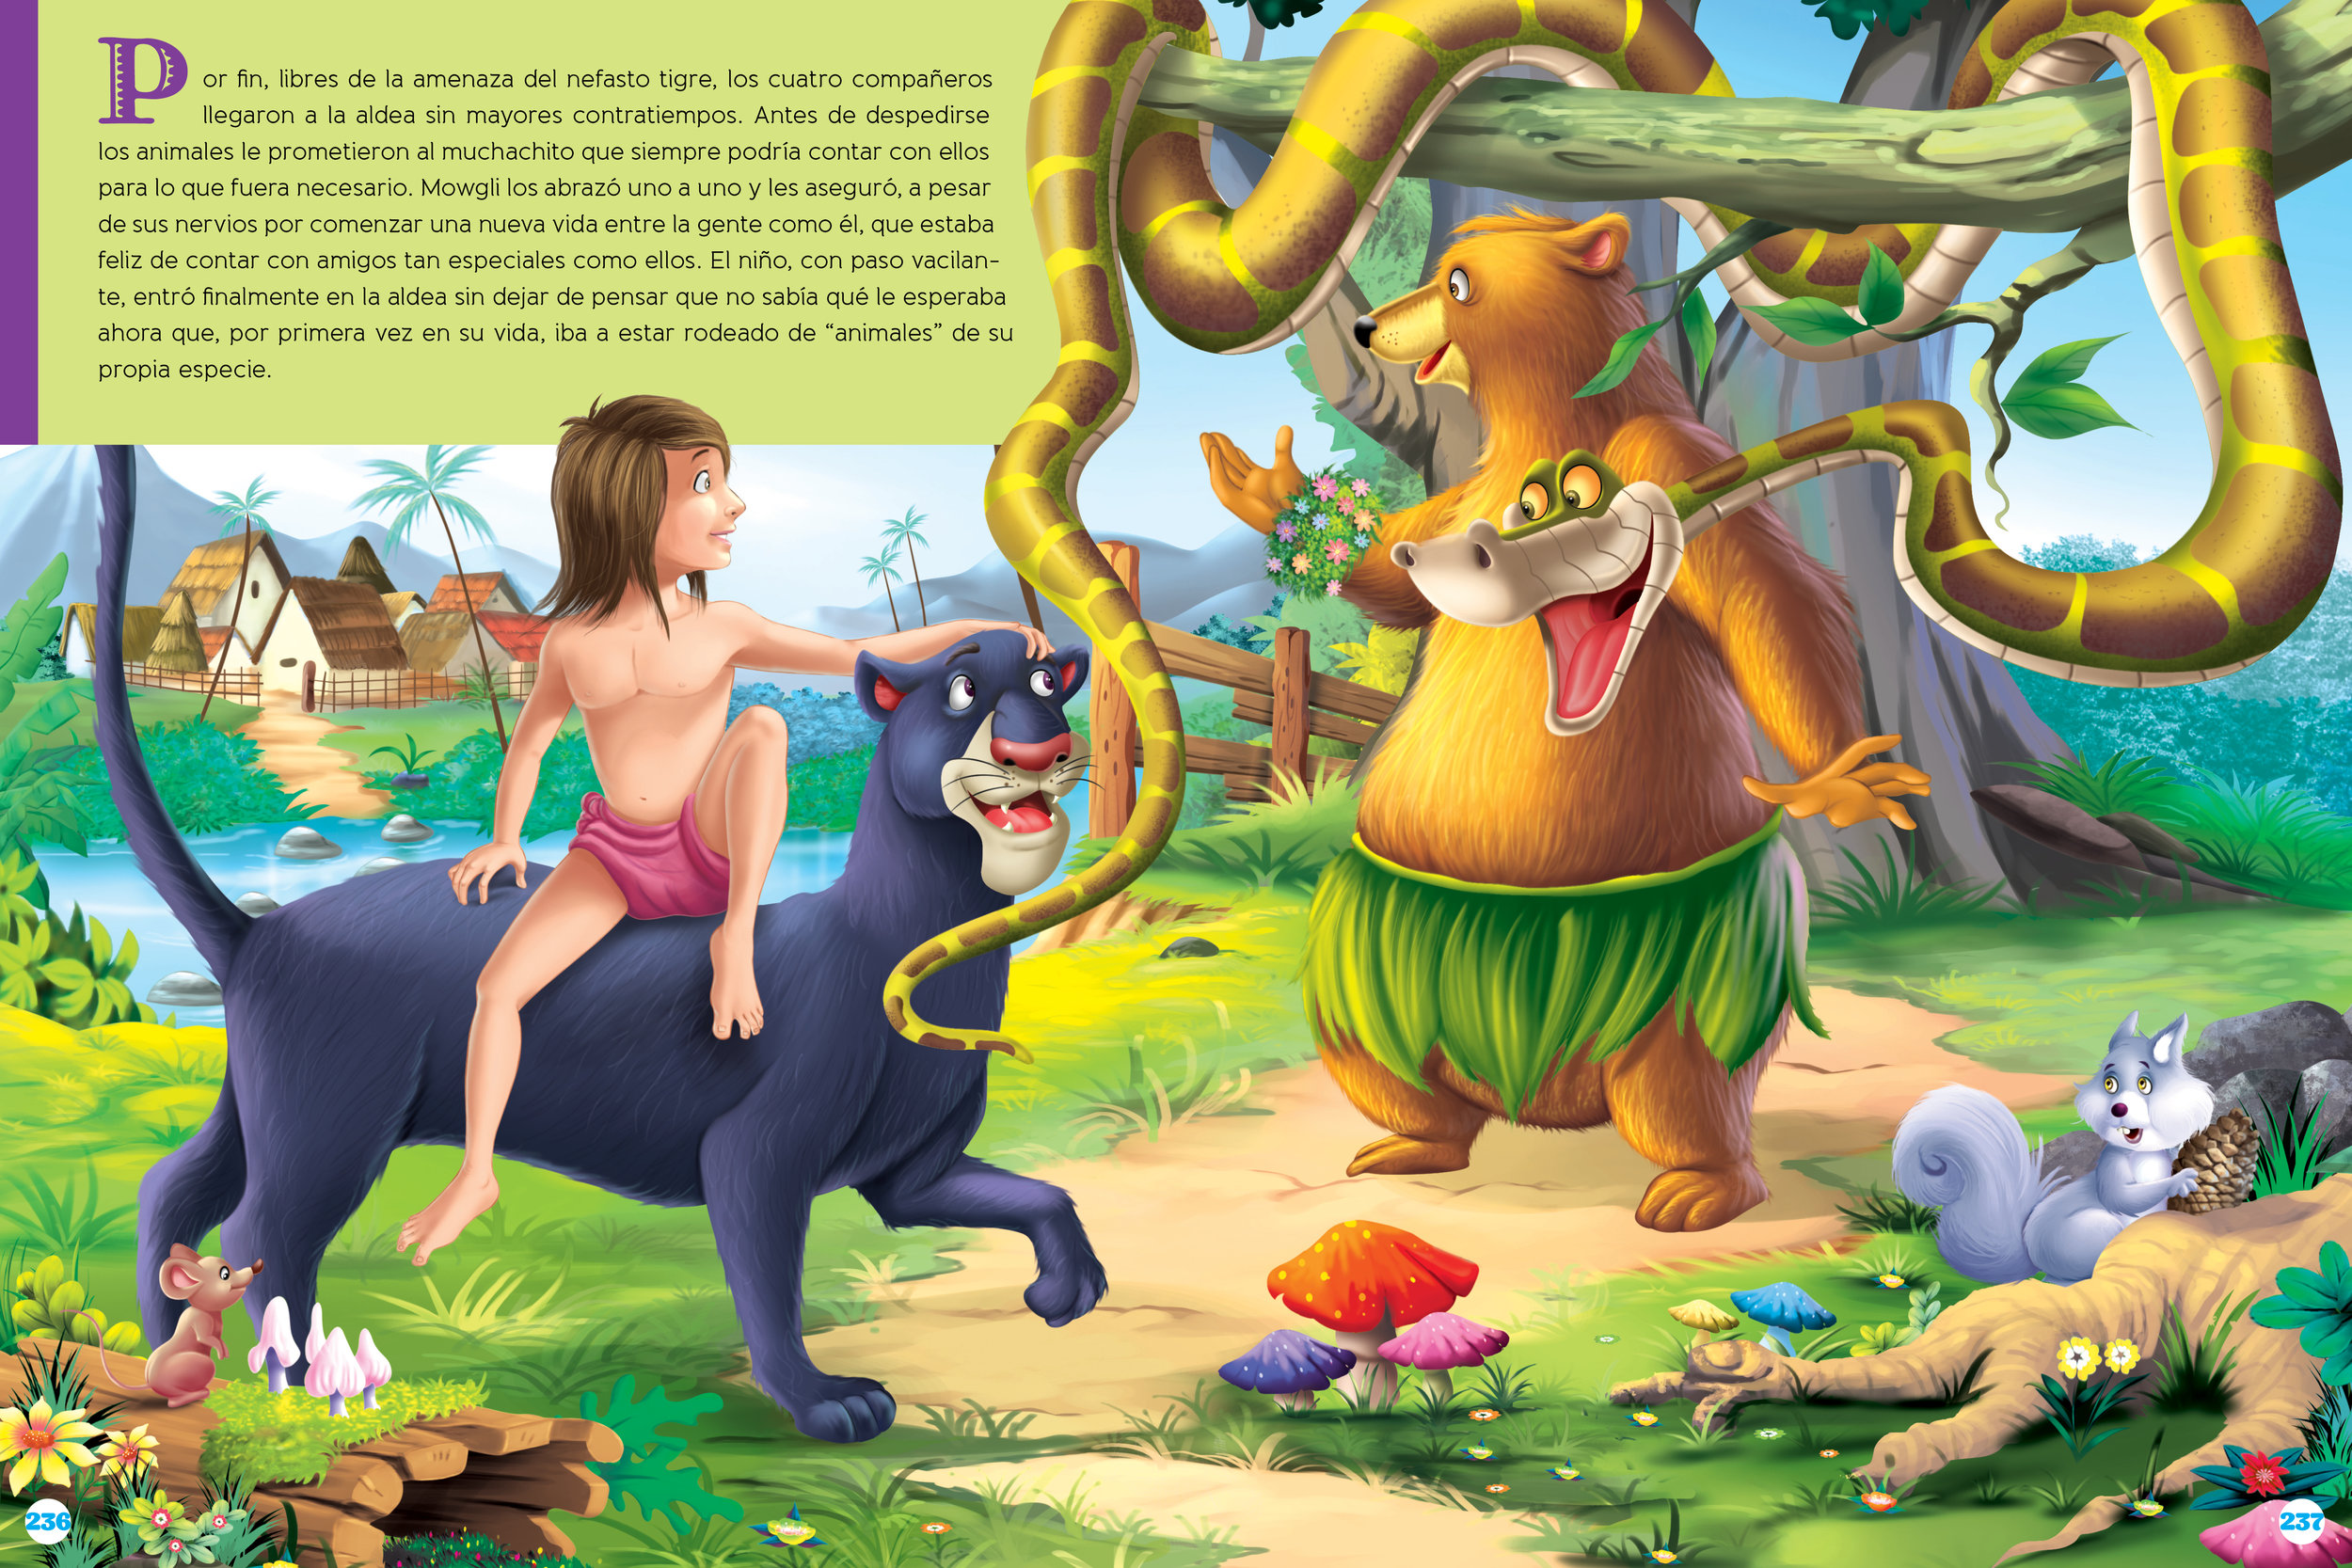 Libro_Magico_CUENTOS_FLIP_1121.jpg